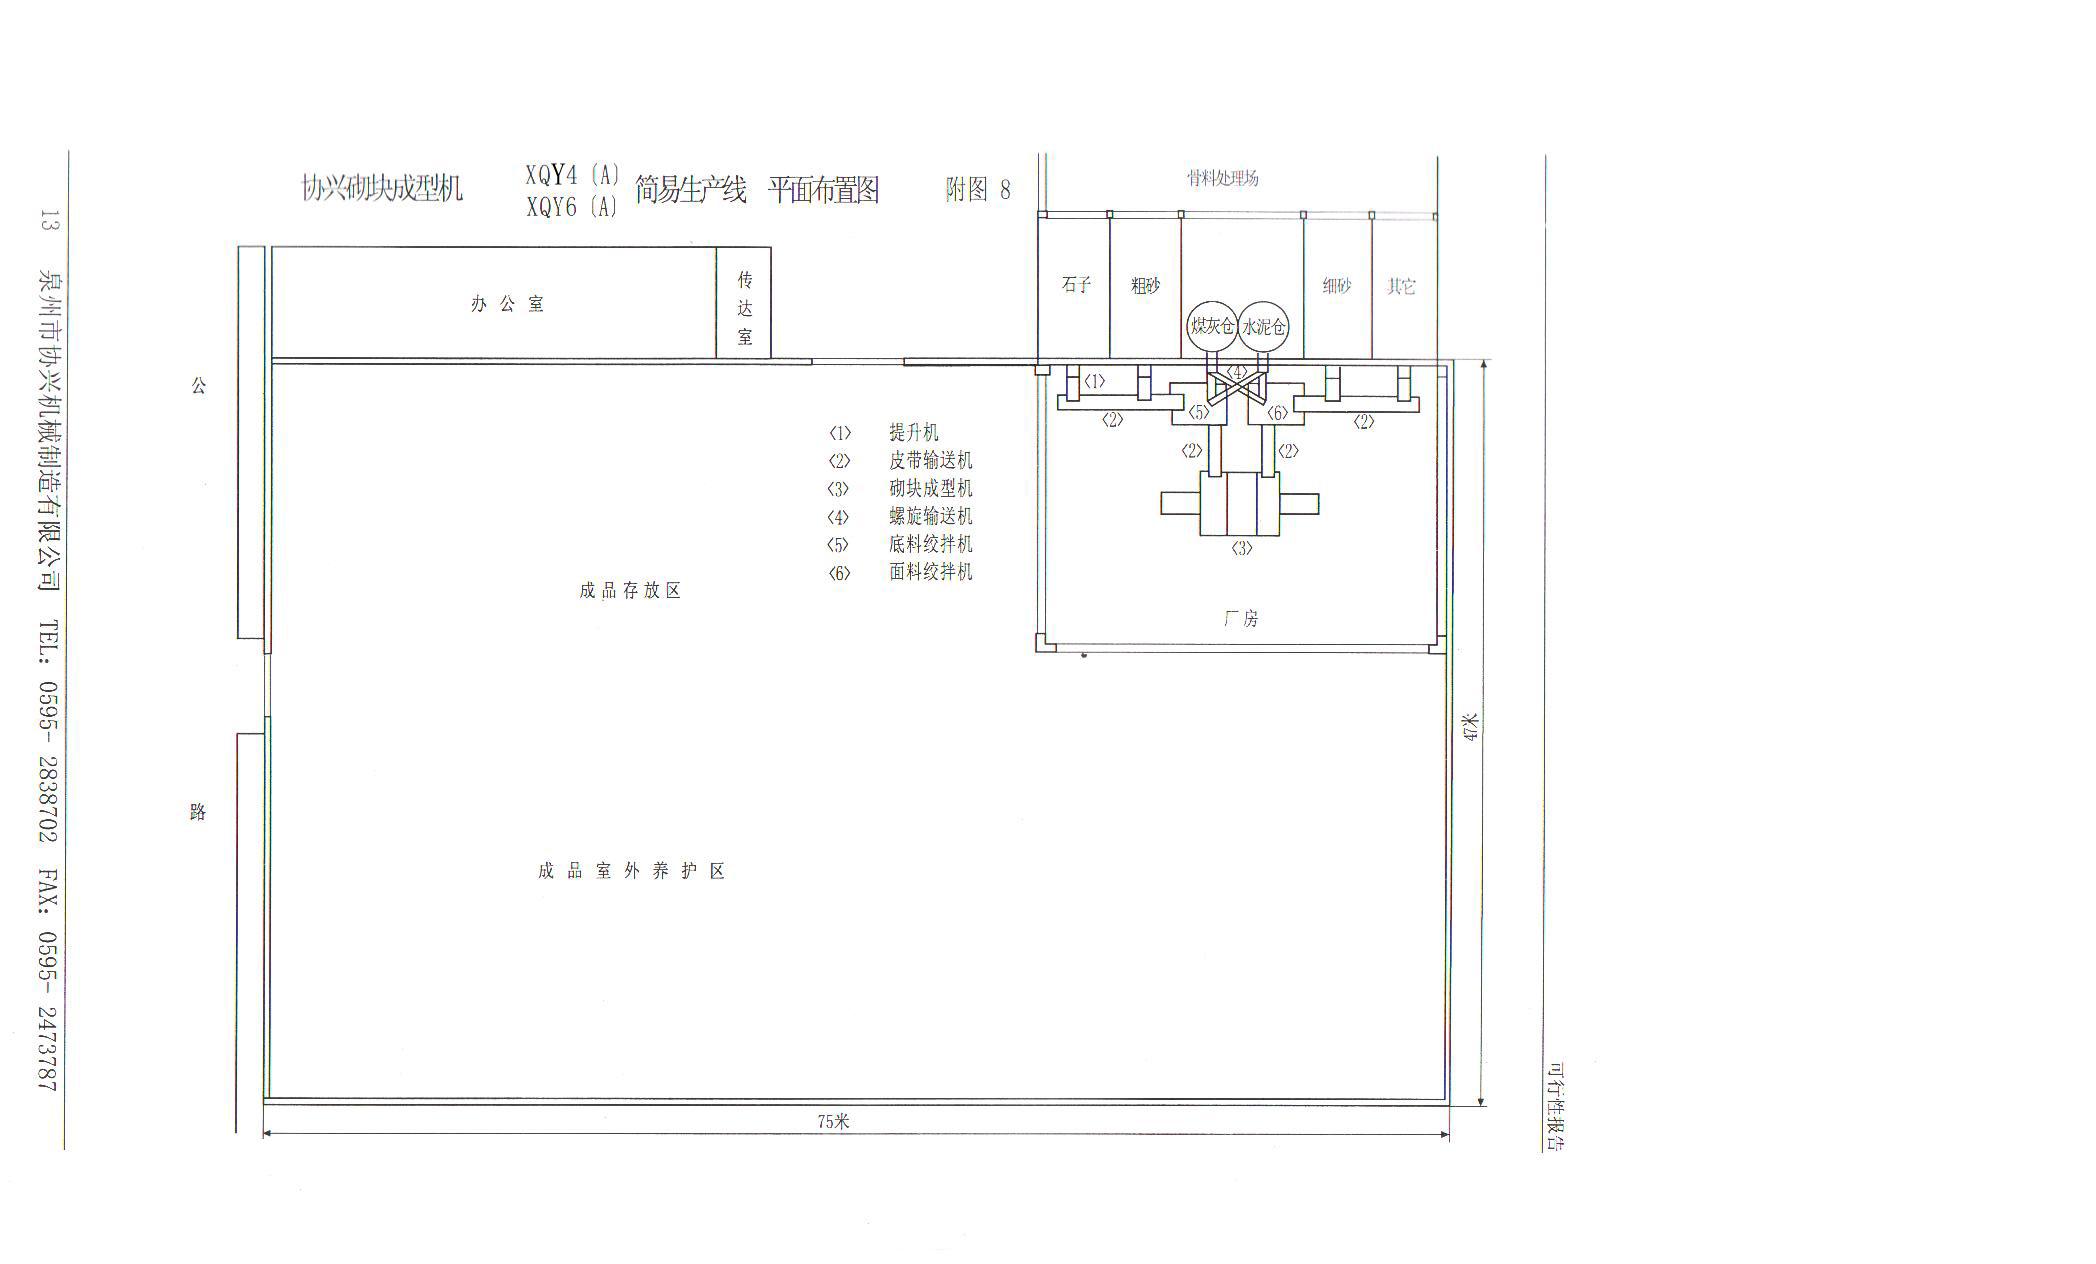 混凝土设备可行性报告(十四)